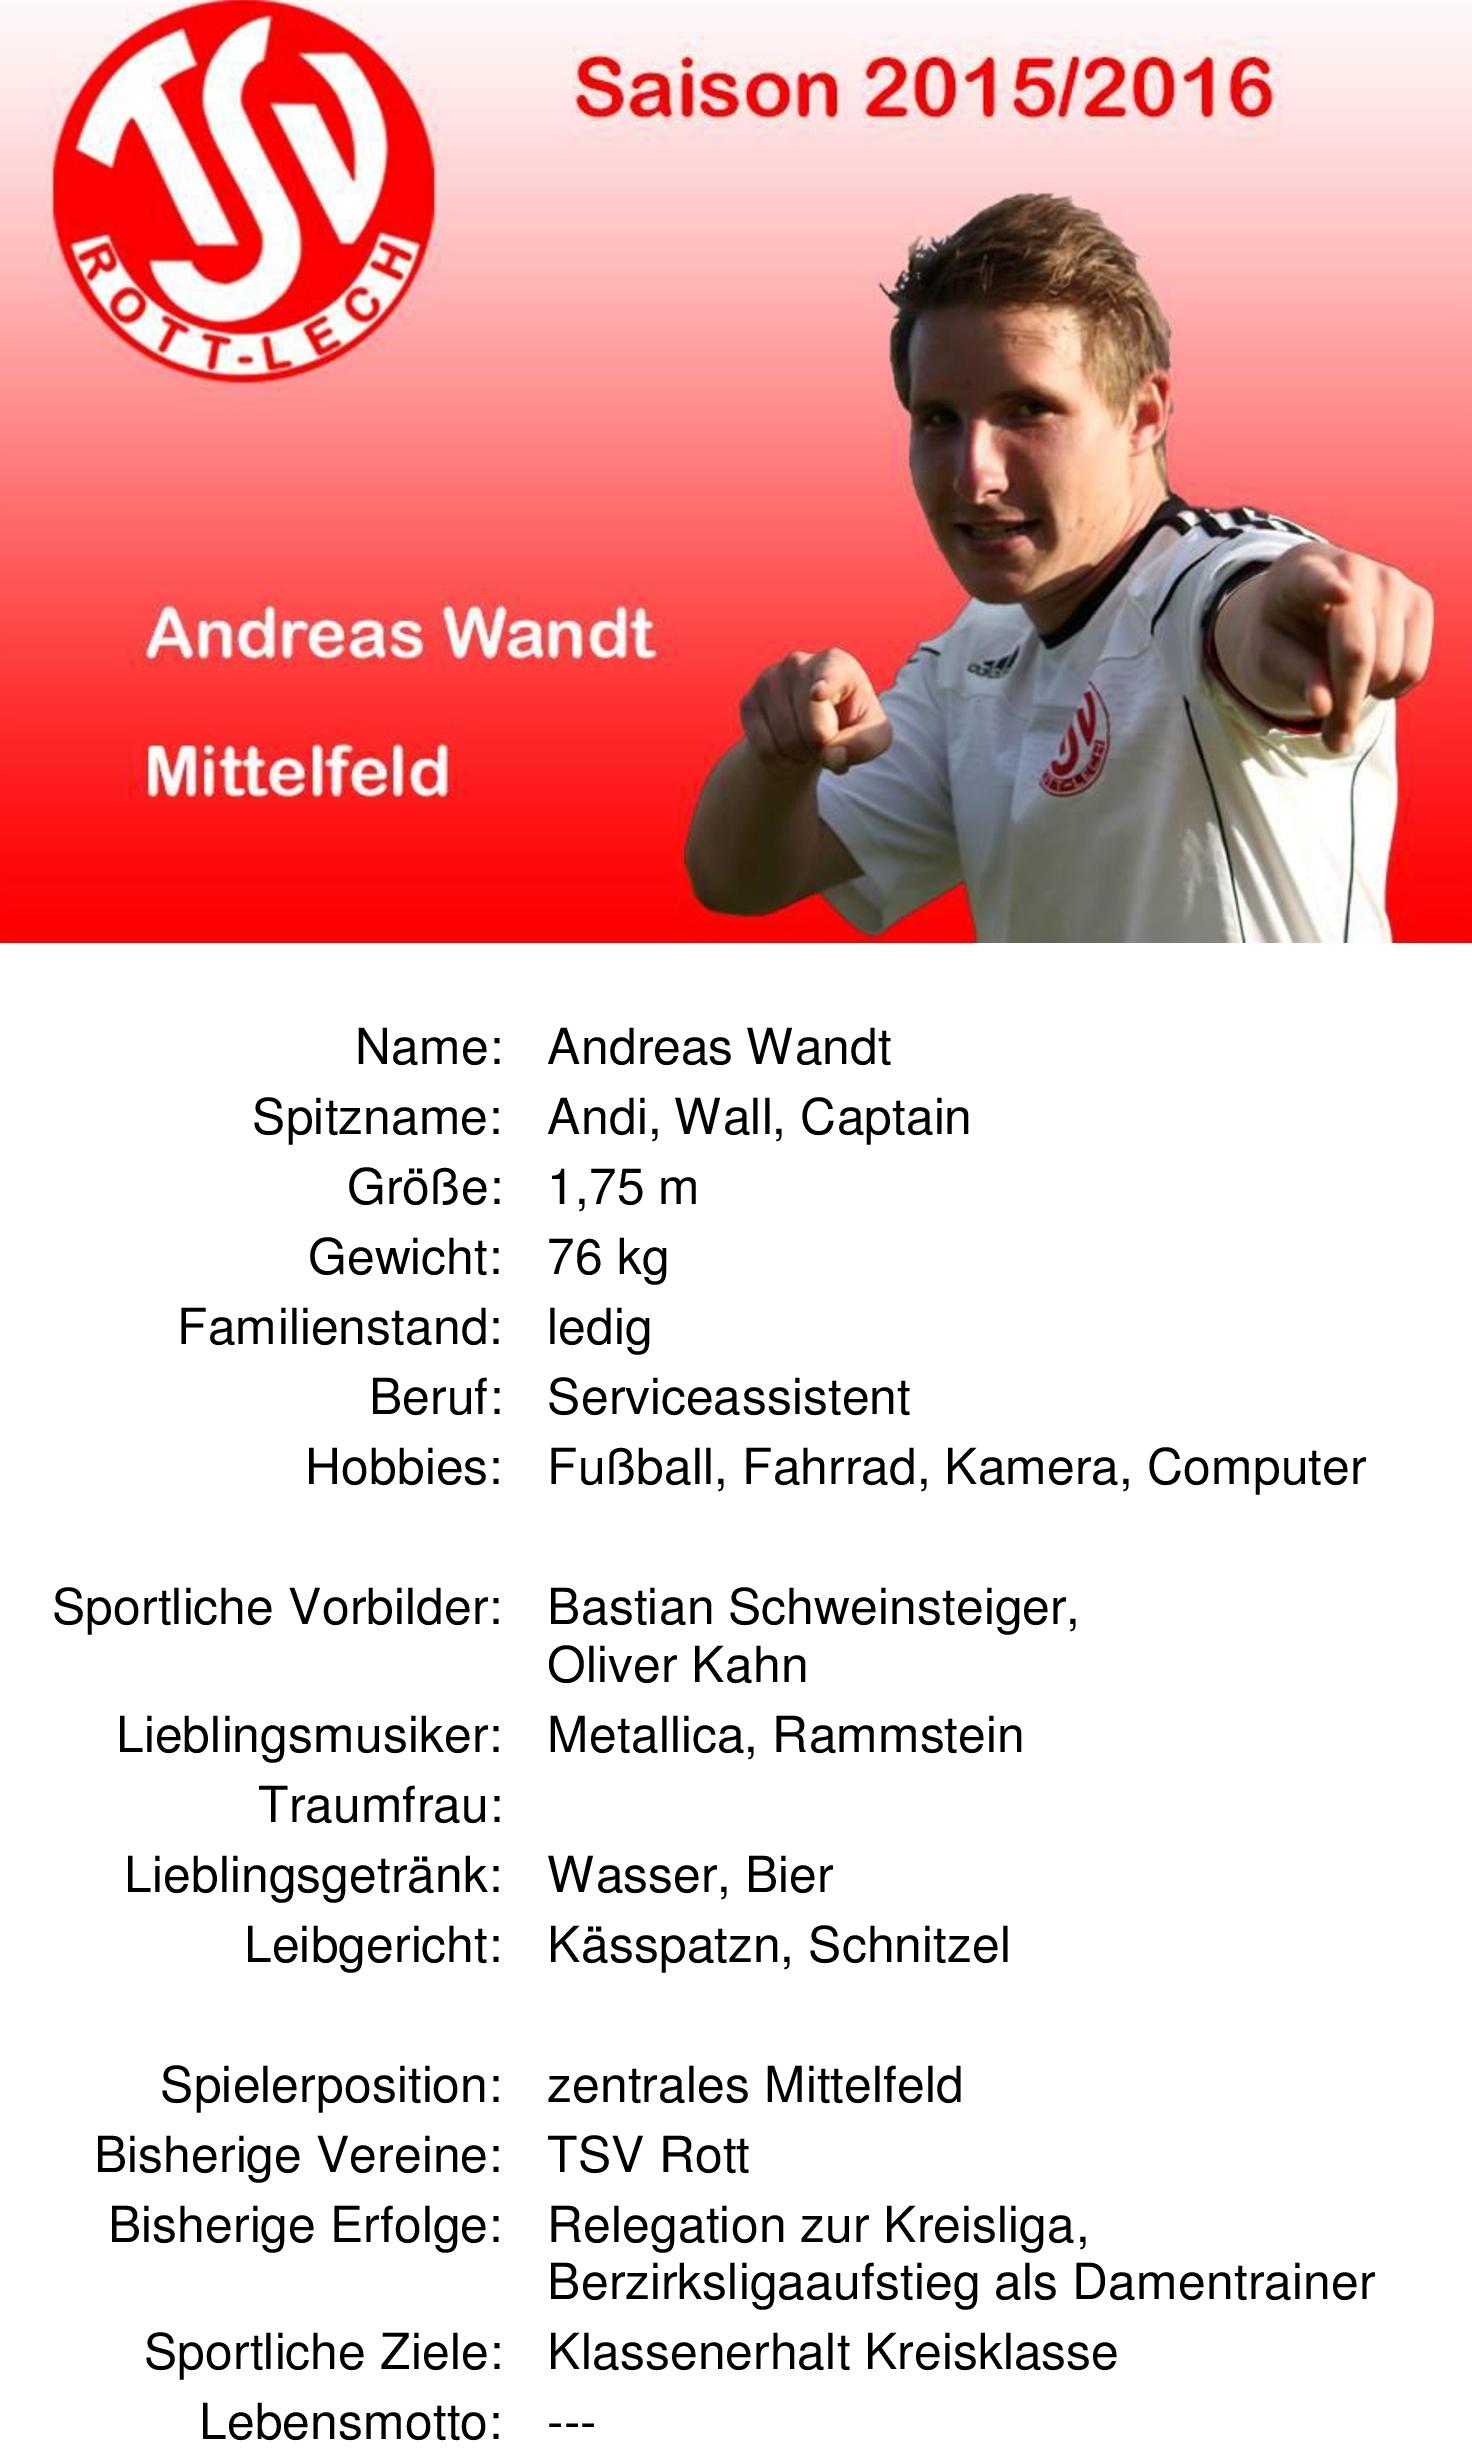 Wandt_Andreas